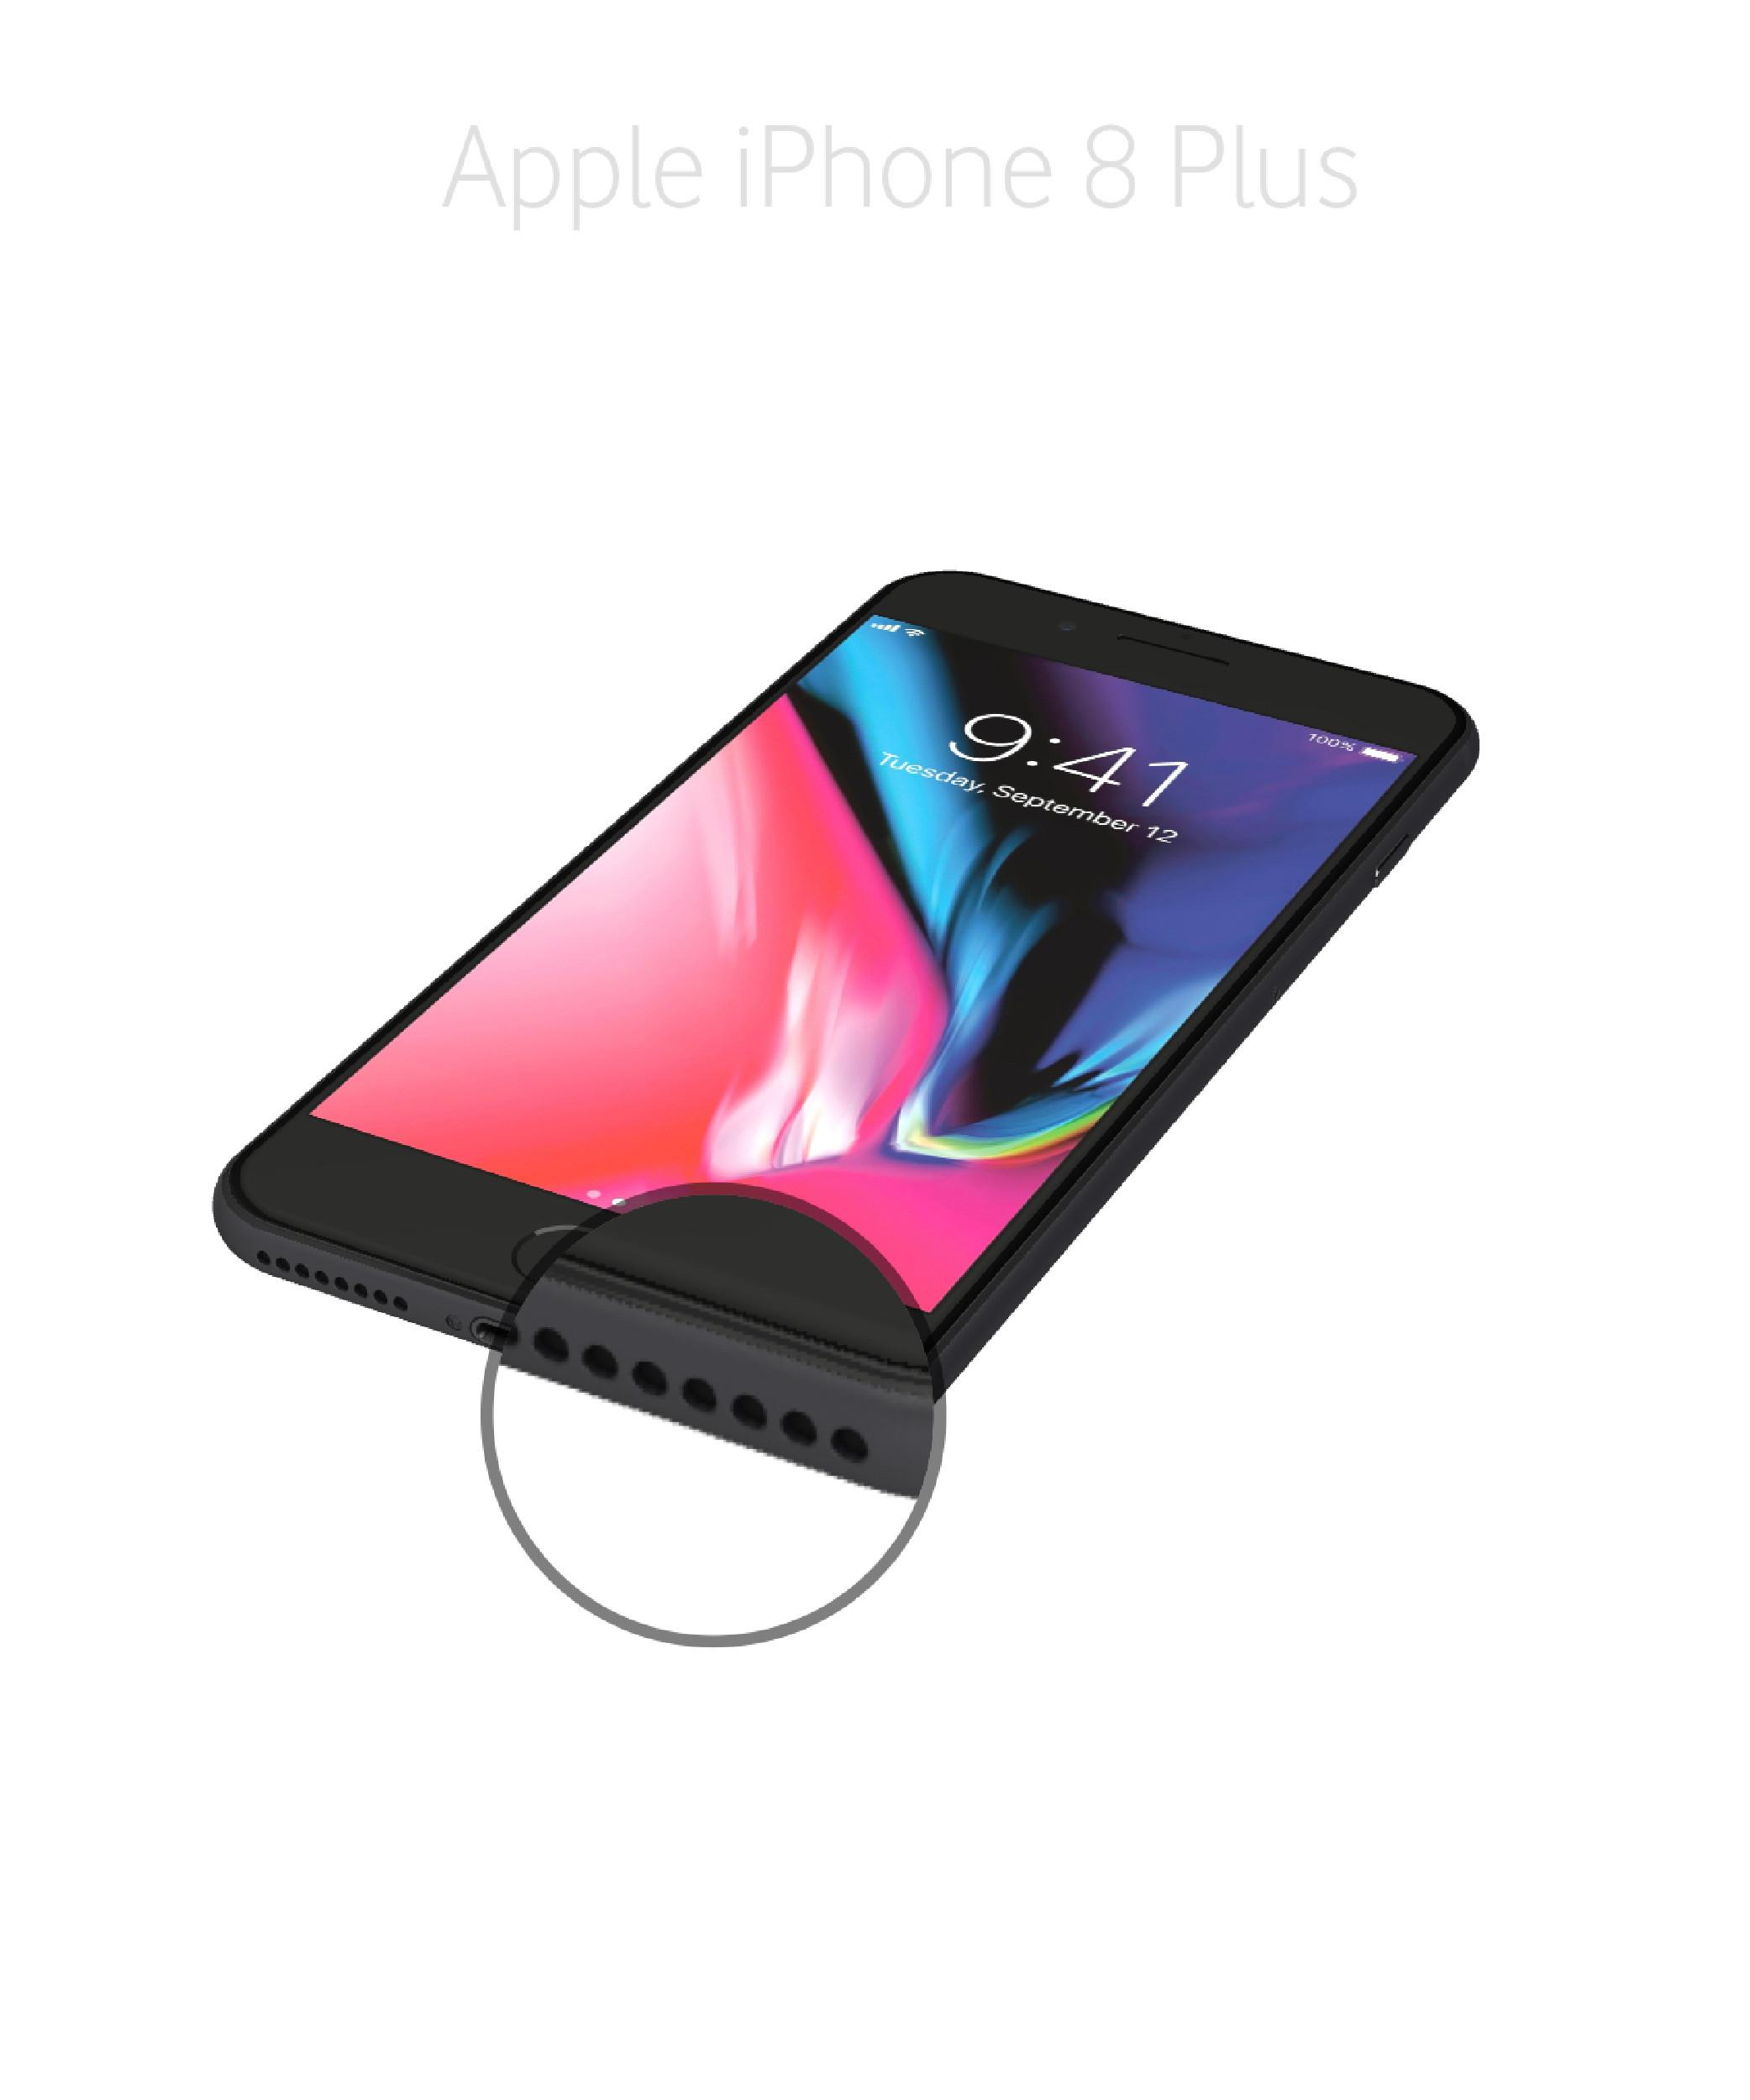 Laga högtalare iPhone 8 plus